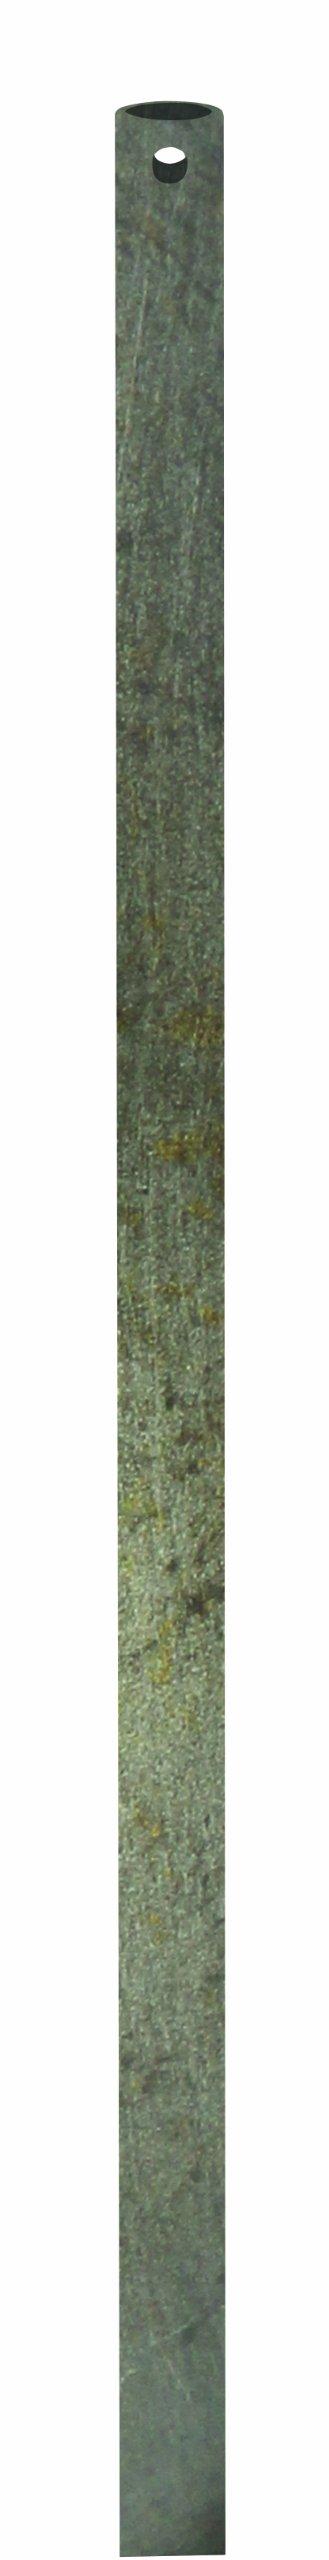 Emerson CFDR18VS Ceiling Fan 1-1/2-Feet Down Rod, Vintage Steel